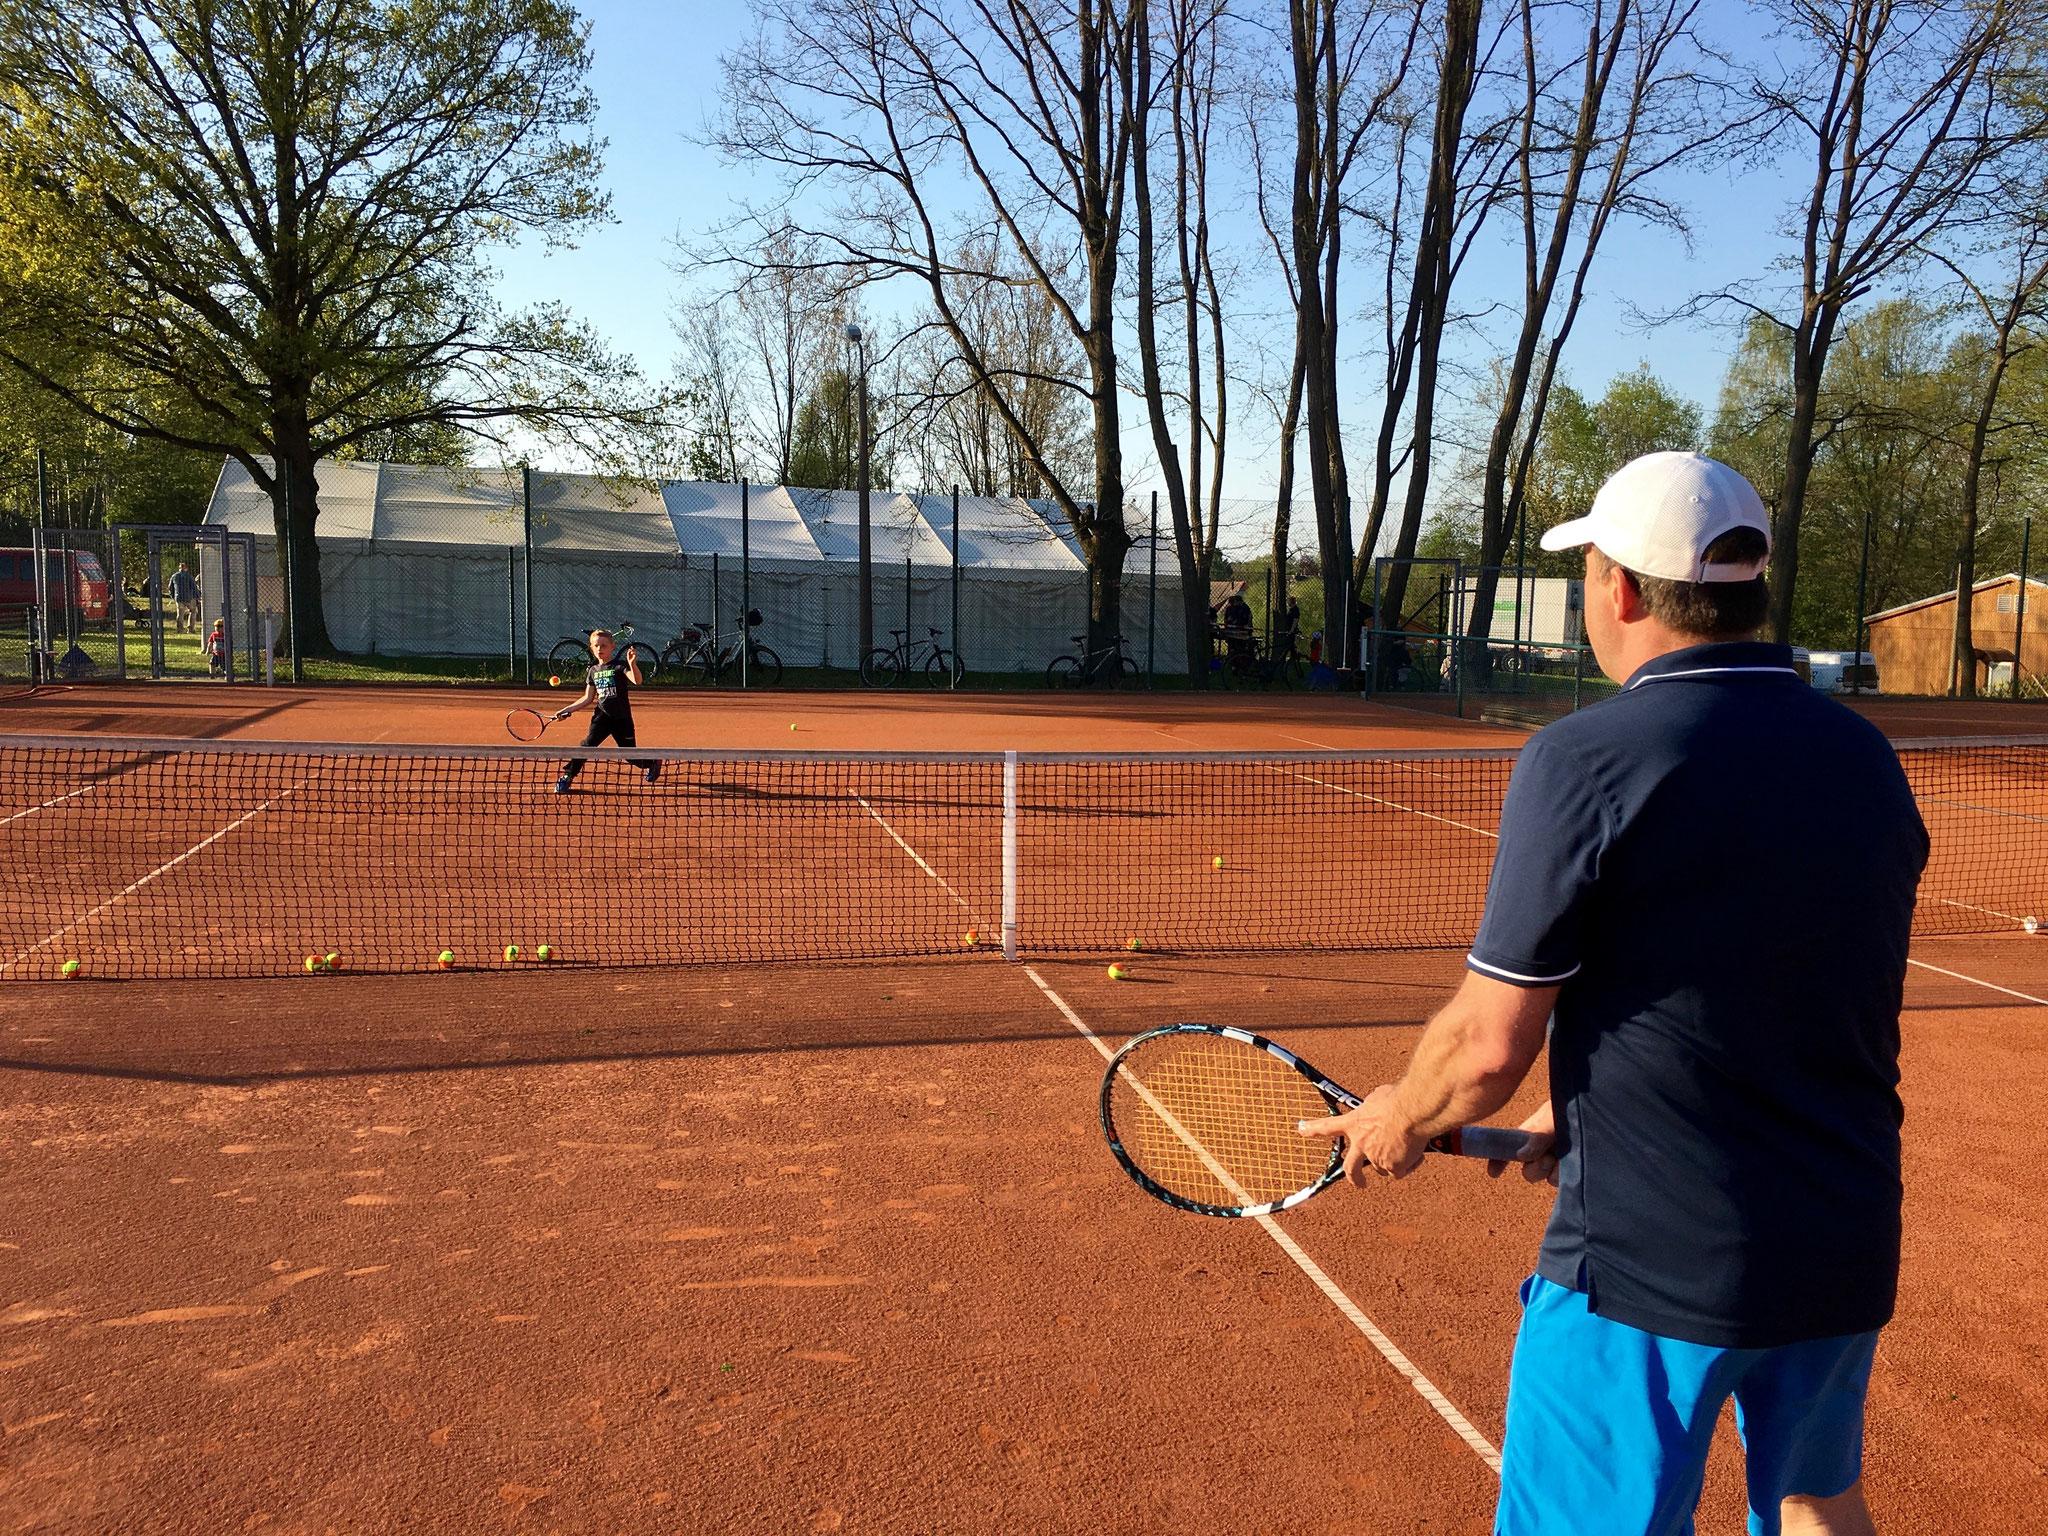 Sportbegeisterte Kinder und Erwachsene konnten so einen Einblick in den Tennissport gewinnen